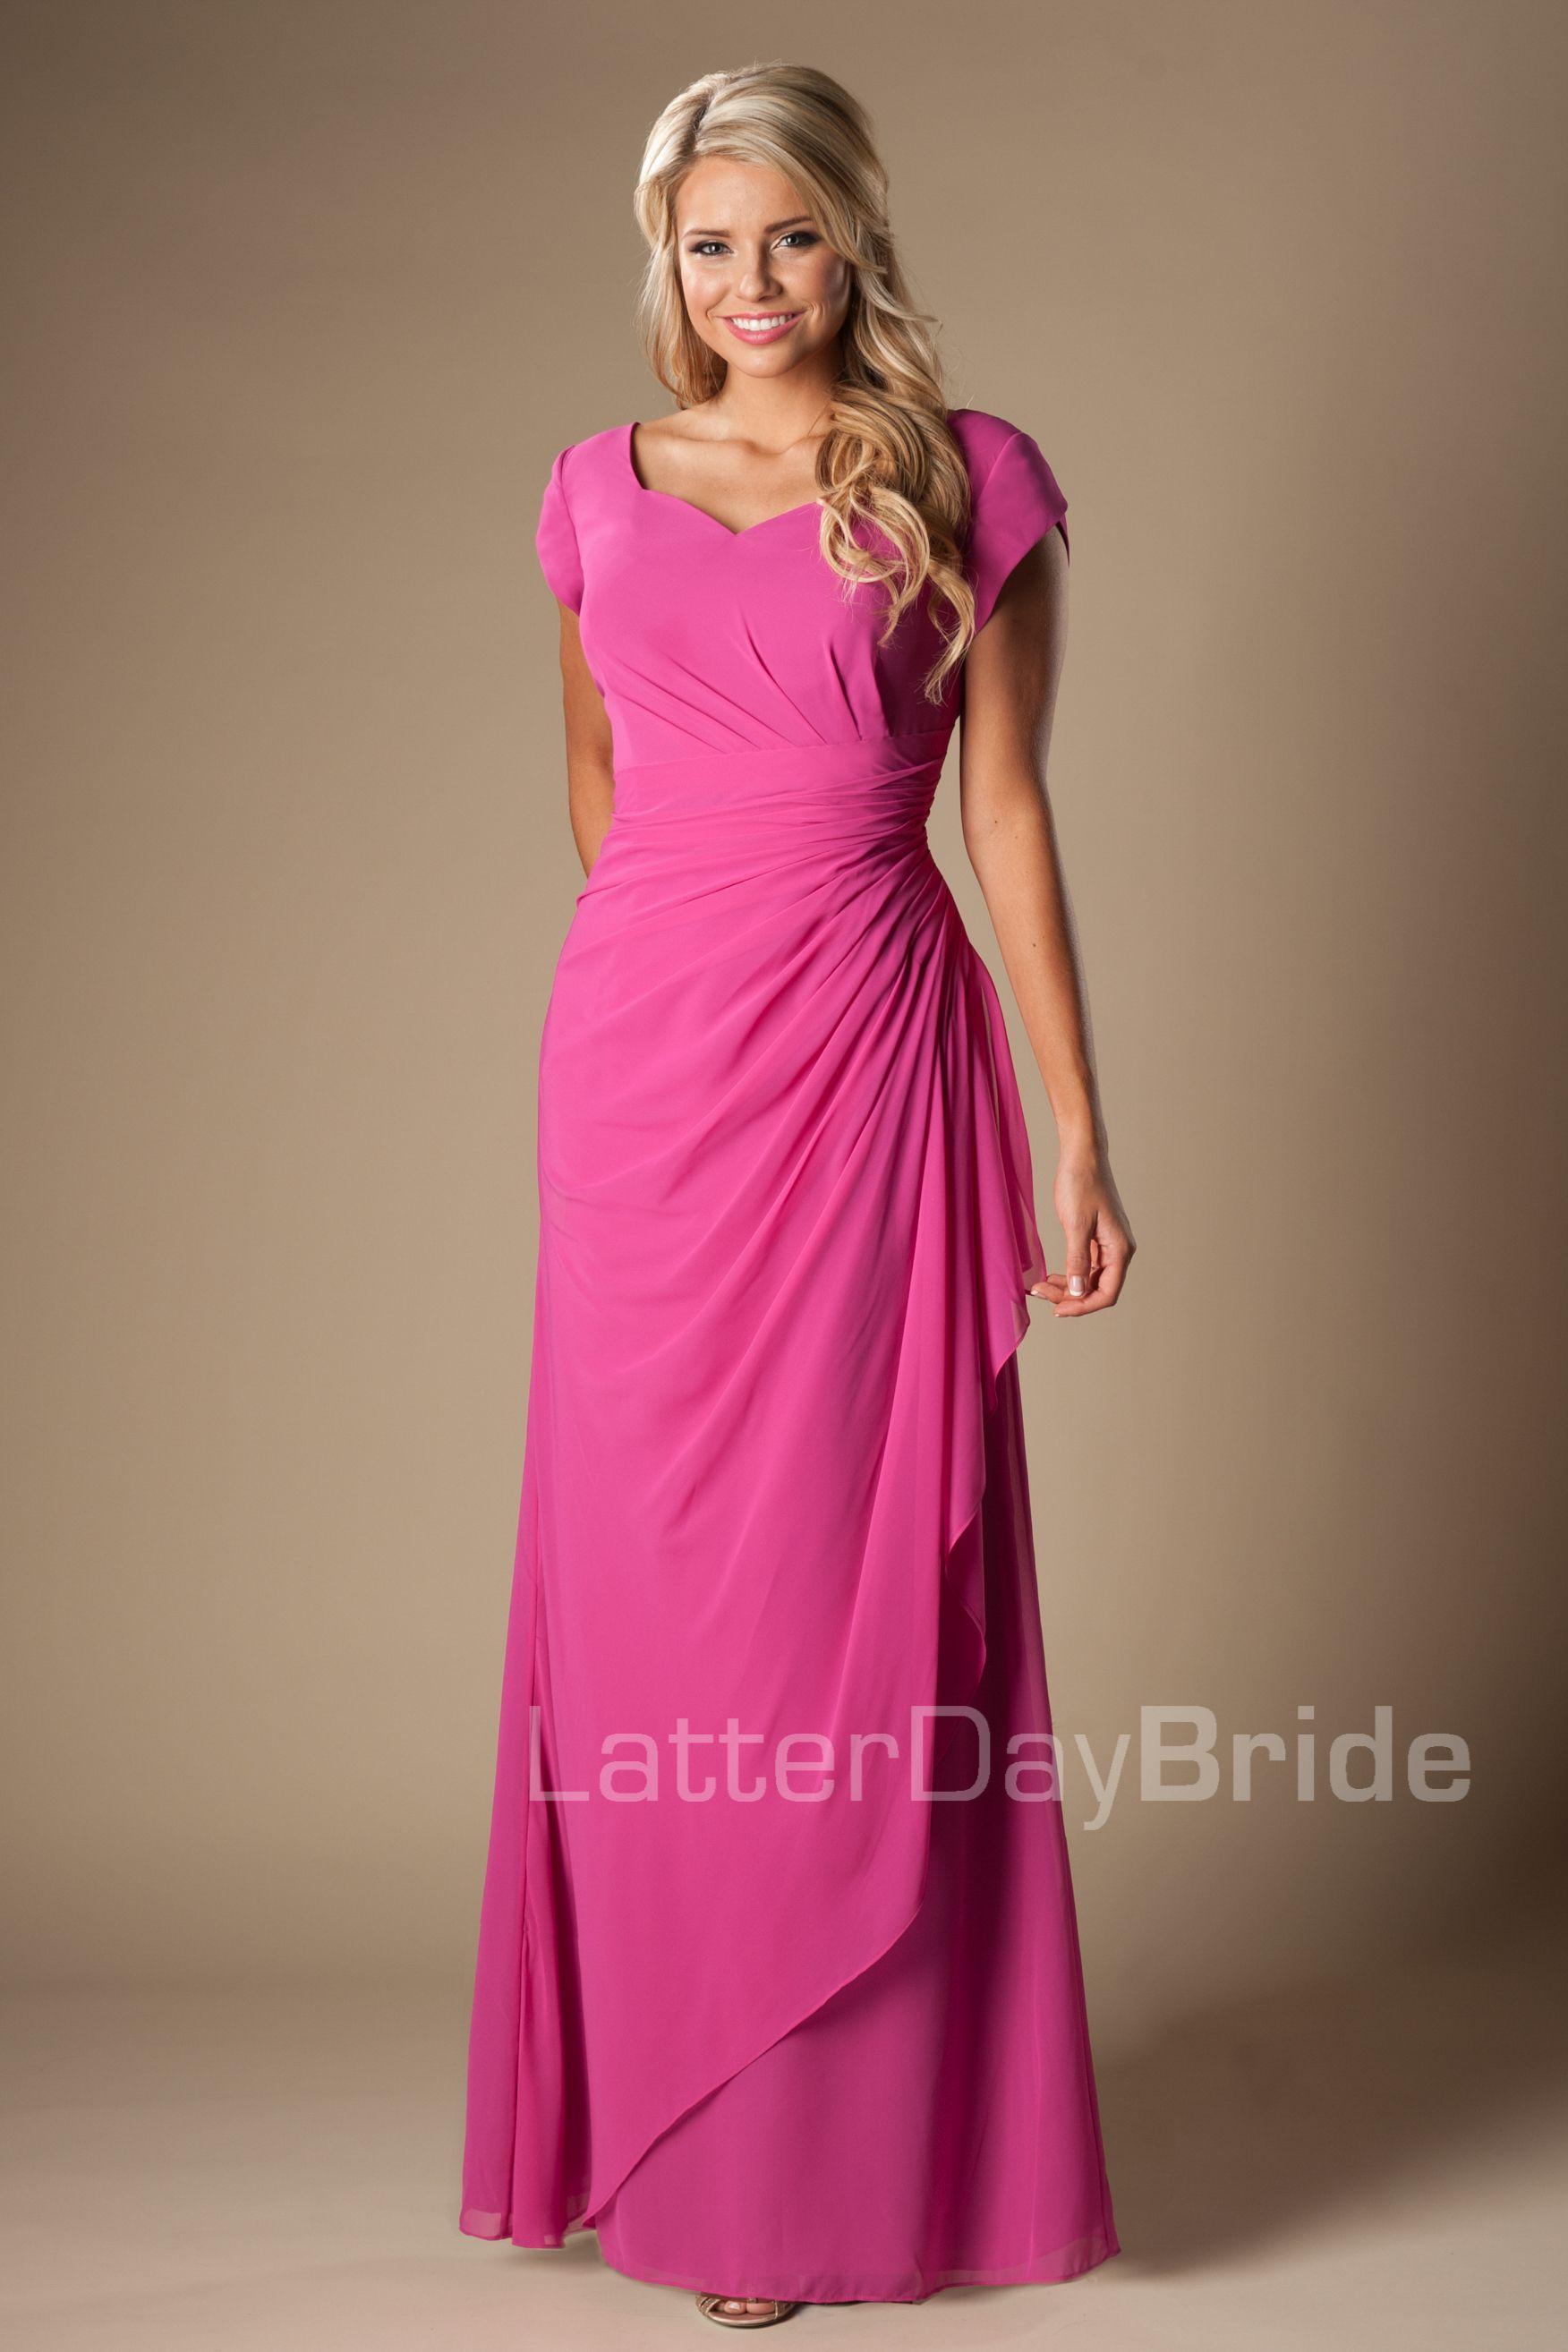 Hermosa Vestidos De Dama Wi Green Bay Foto - Ideas de Estilos de ...